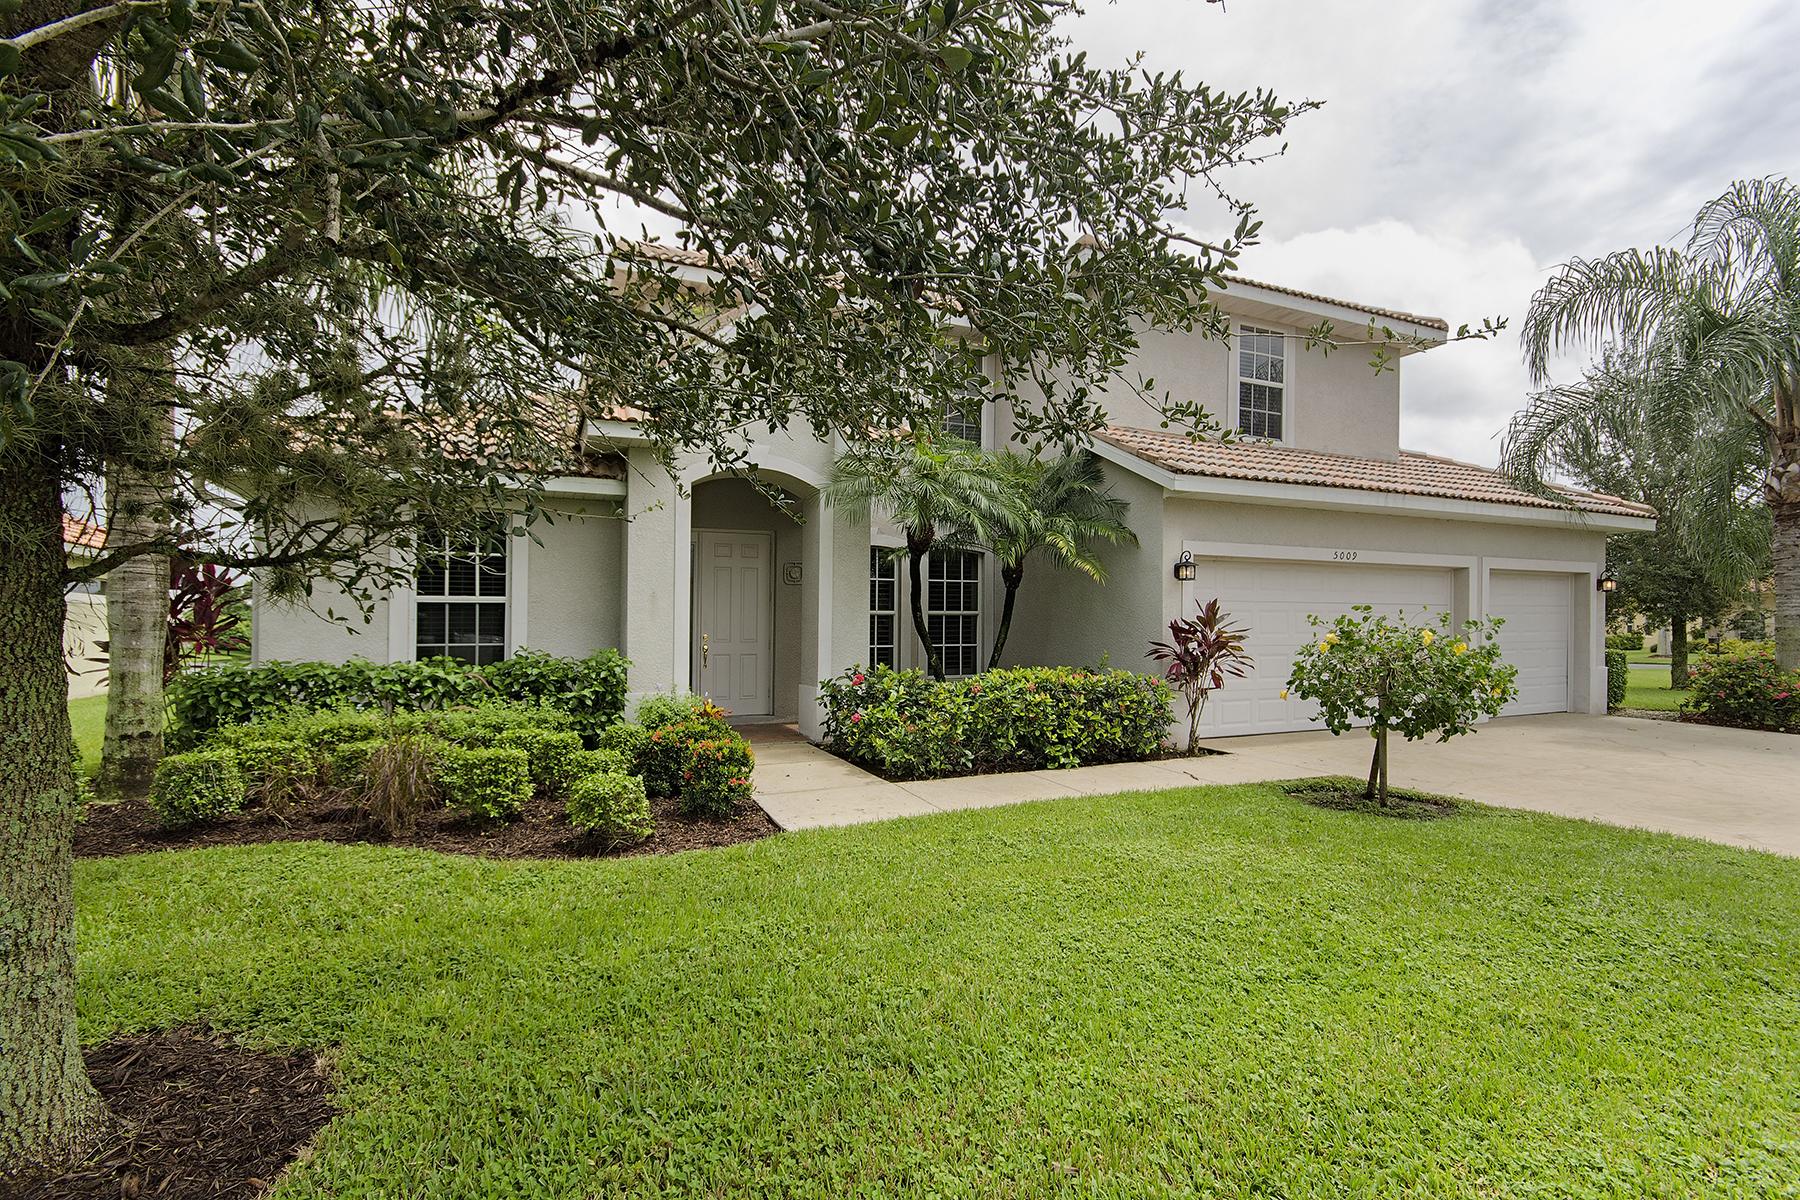 独户住宅 为 销售 在 MOON LAKE 5009 Old Pond Dr 那不勒斯, 佛罗里达州, 34104 美国